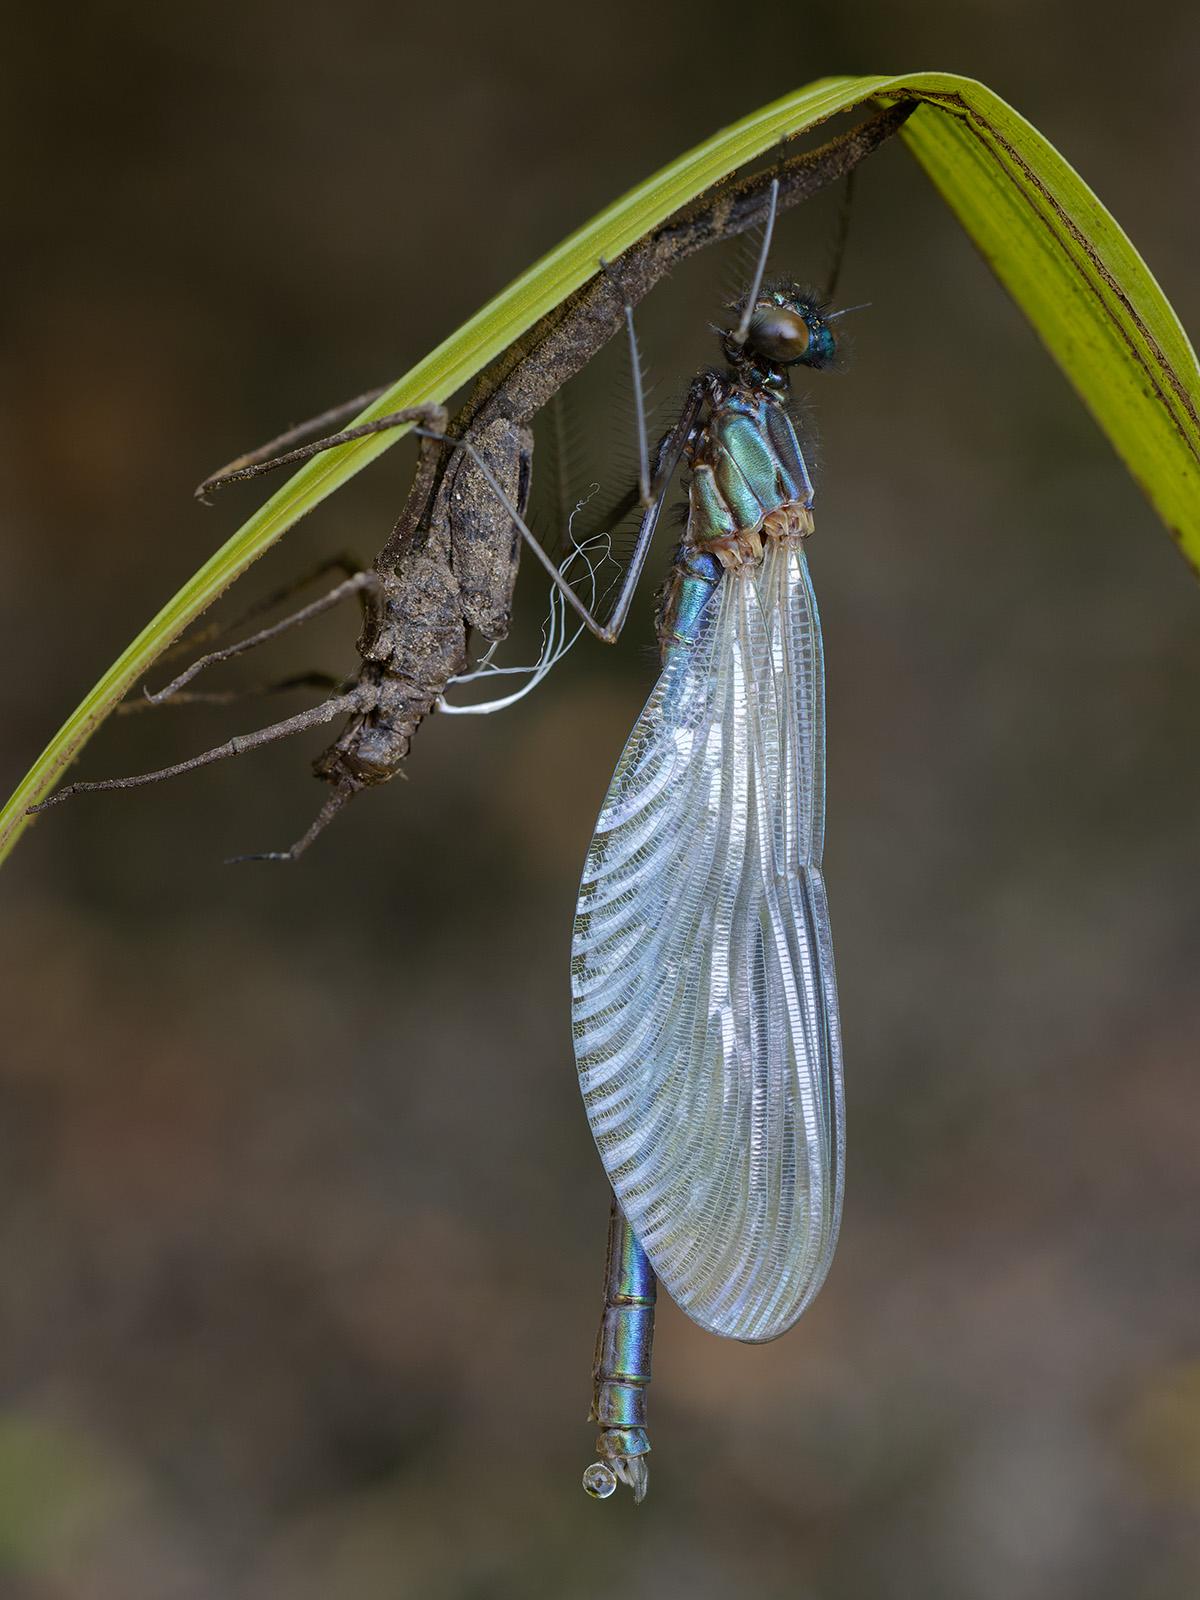 Calopteryx s. splendens, male emerging